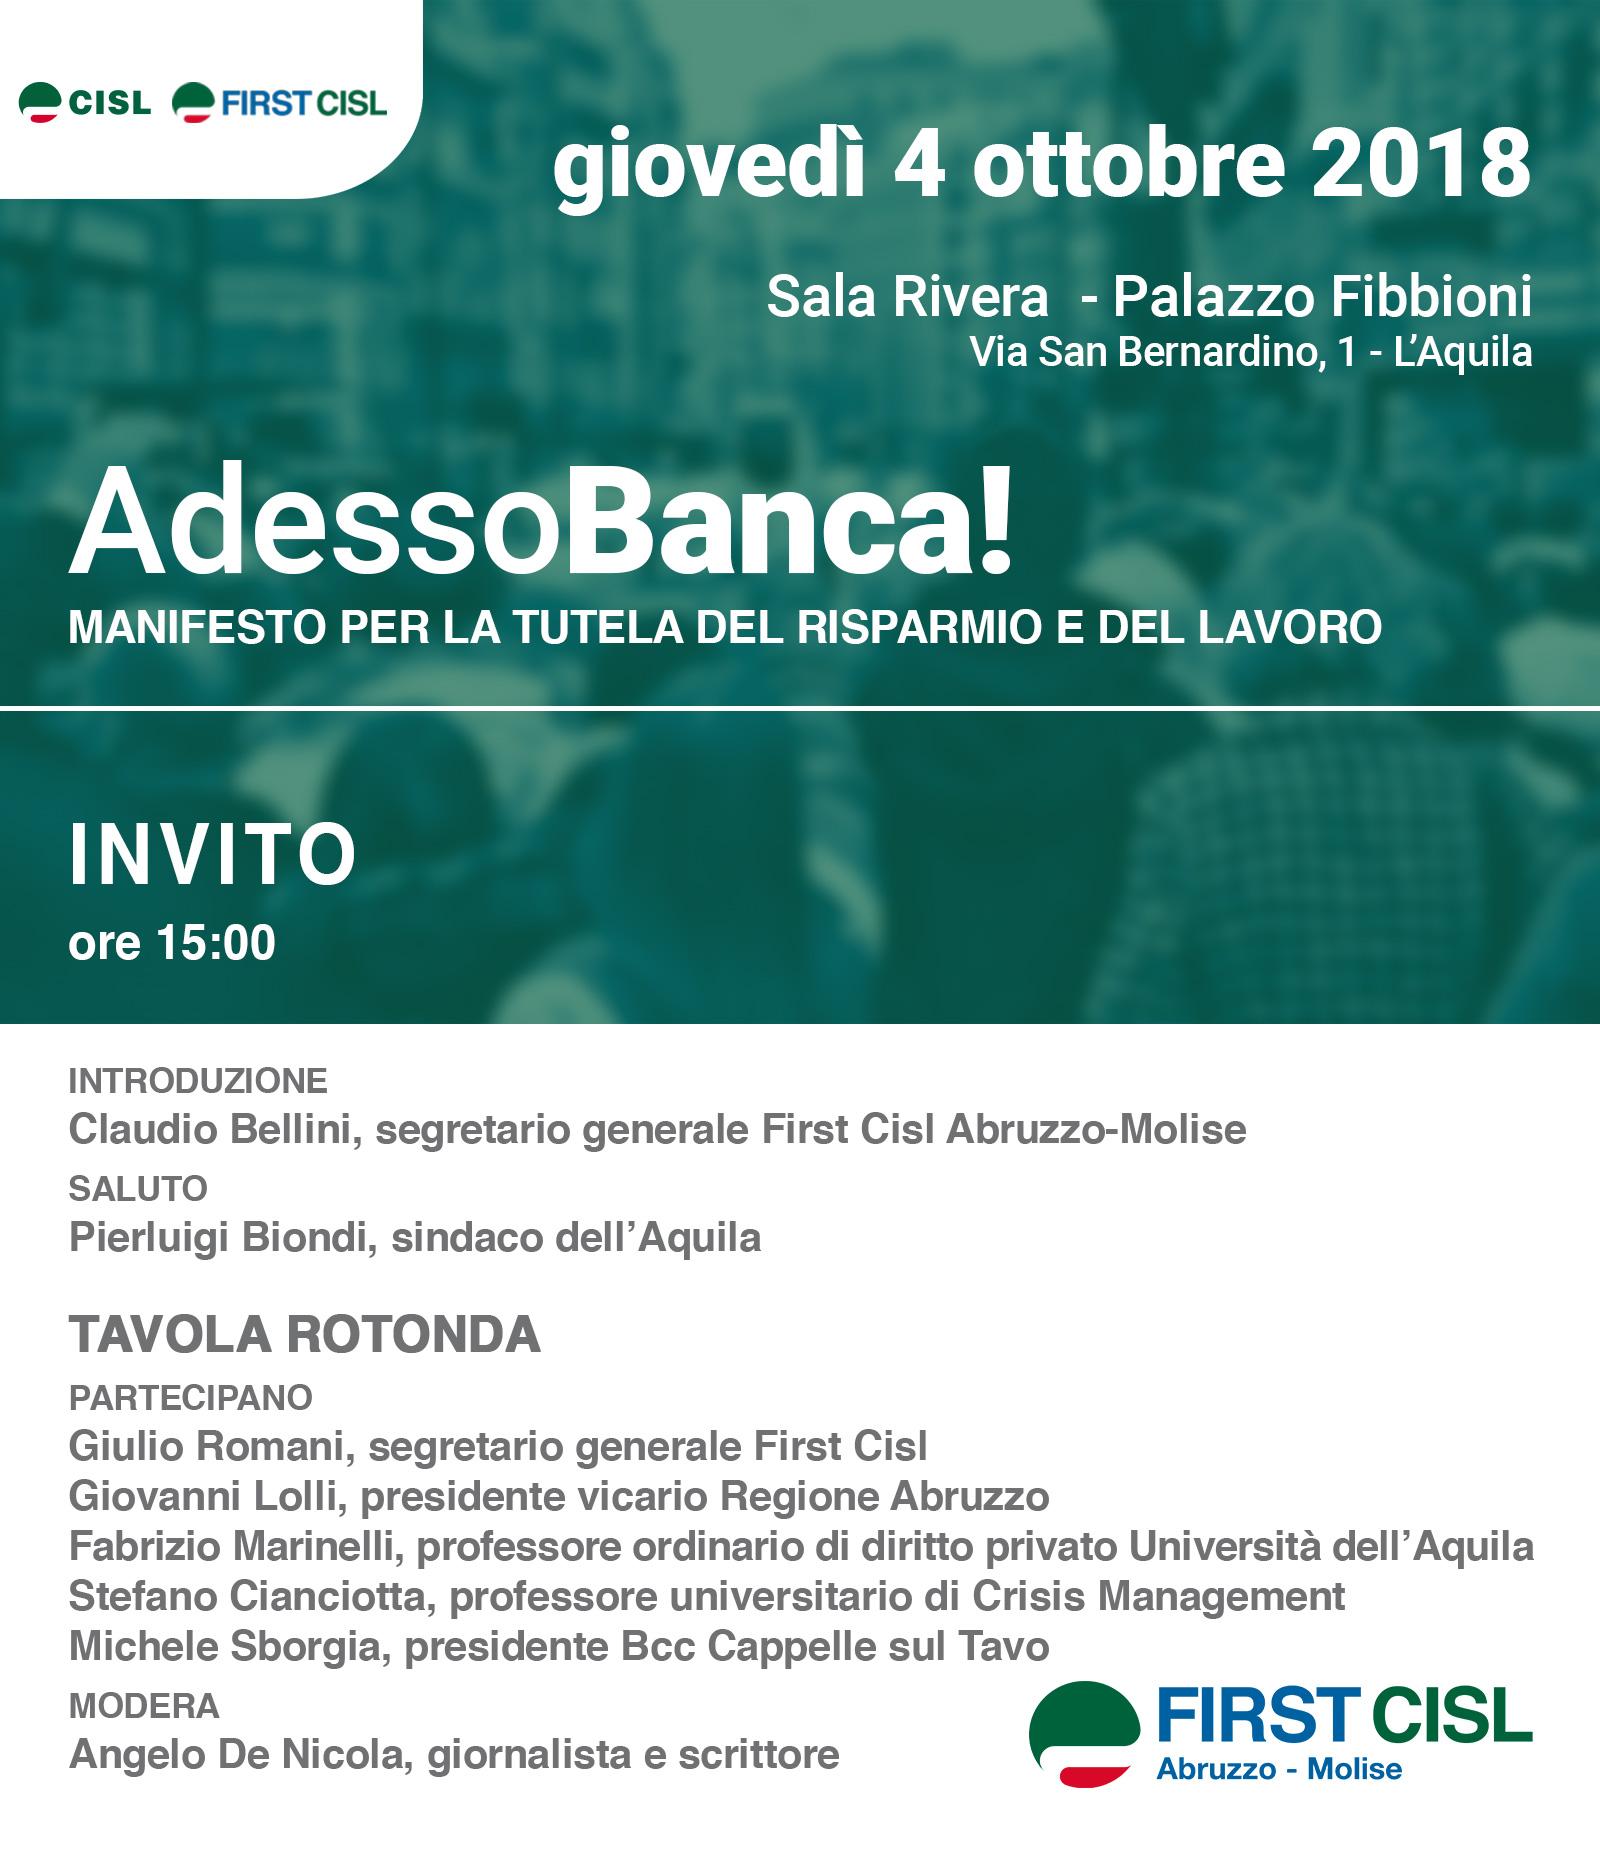 AdessoBanca!, si parlerà a L'Aquila della proposta FIRSTCISL per una riforma socialmente utile del sistema bancario.